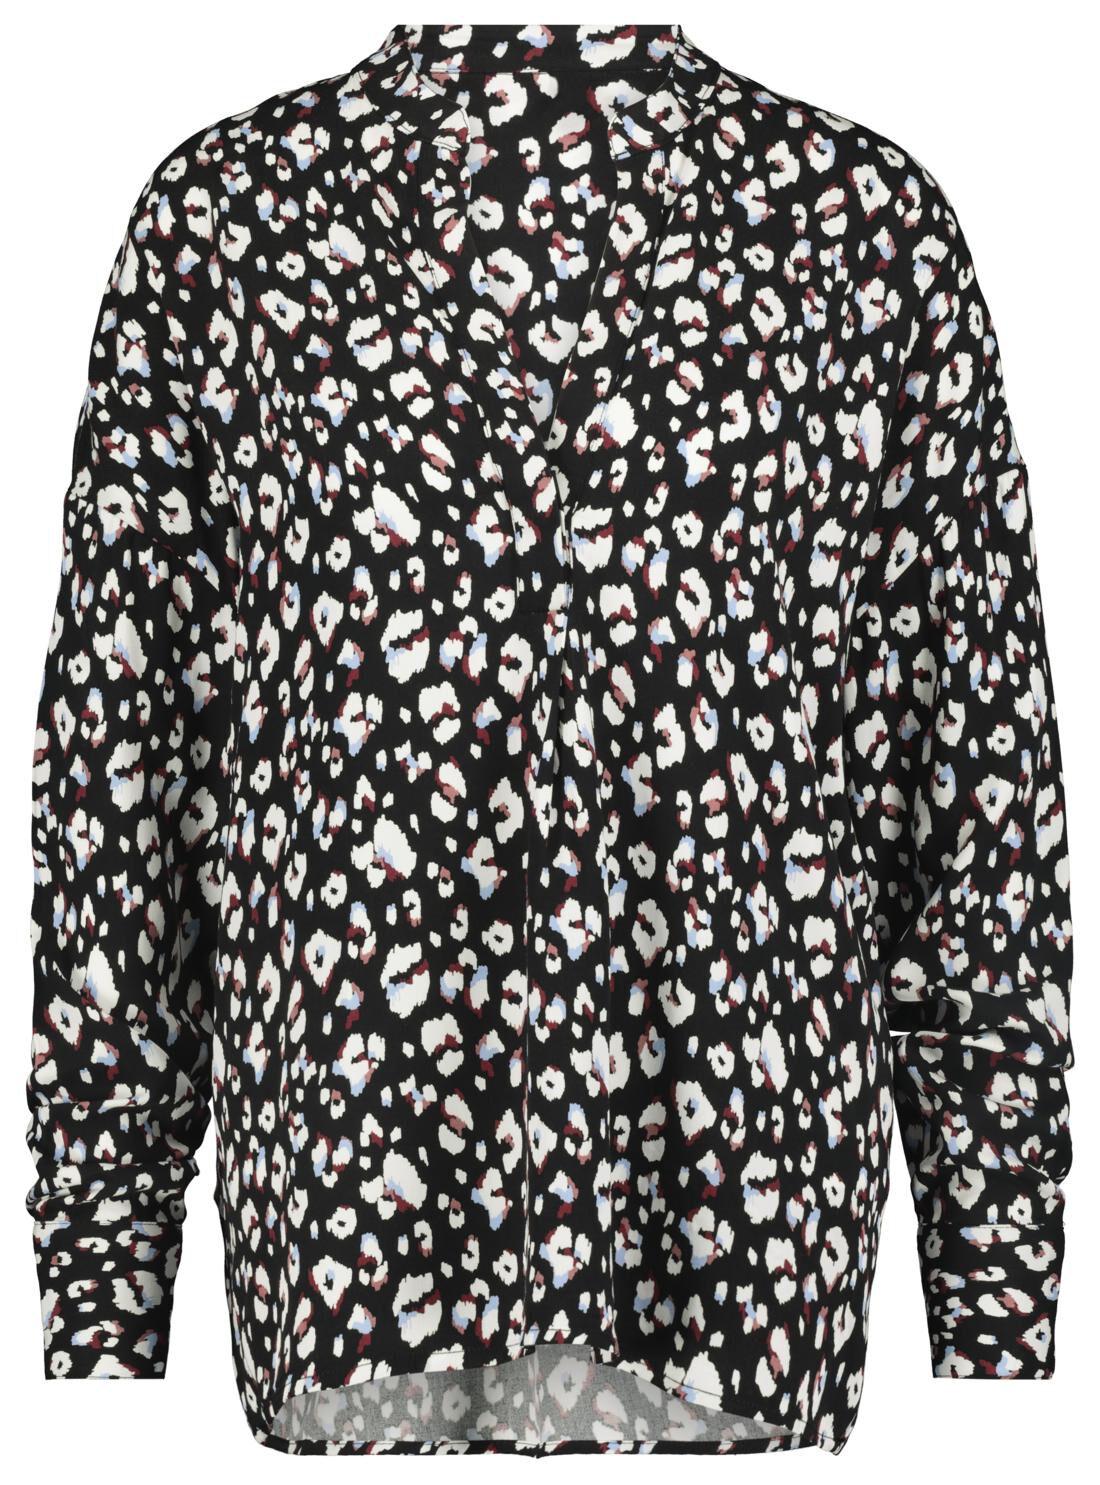 HEMA Damesblouse Luipaard Zwart (zwart)